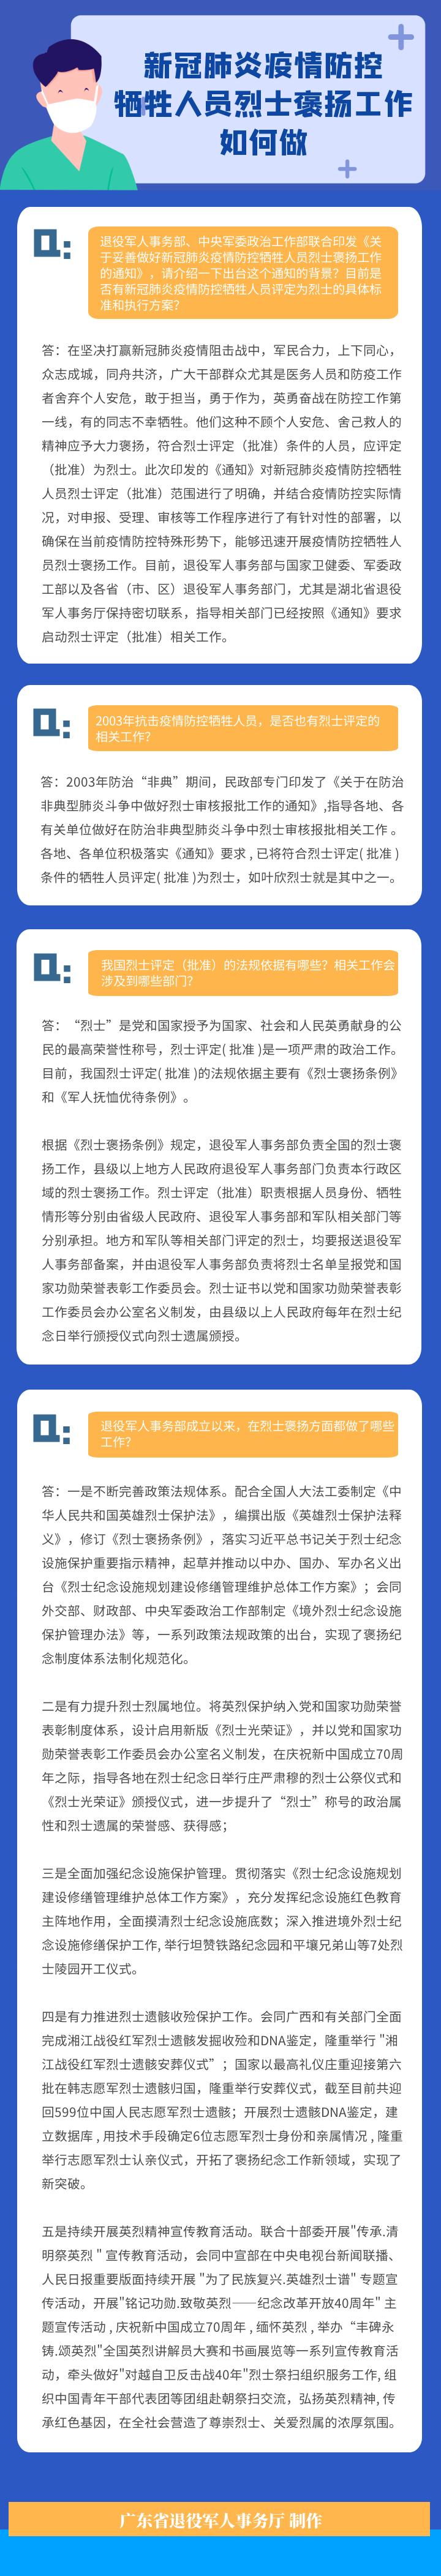 图解:新冠肺炎疫情防控牺牲人员烈士褒扬工作如何做.png